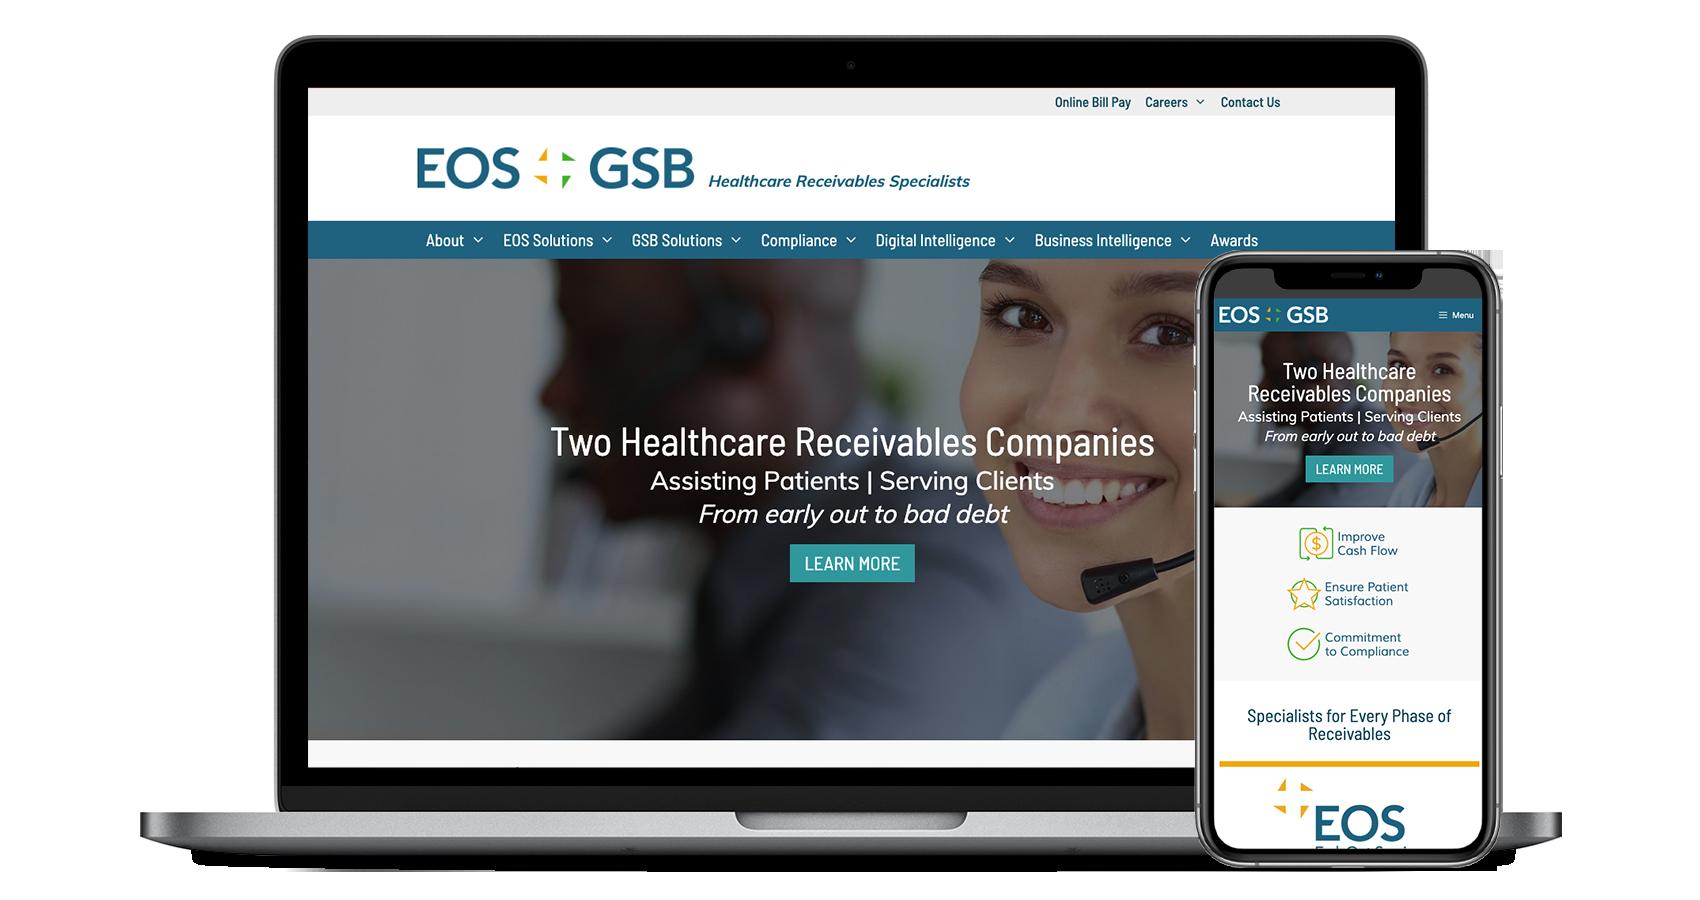 eos-gsb-web-1